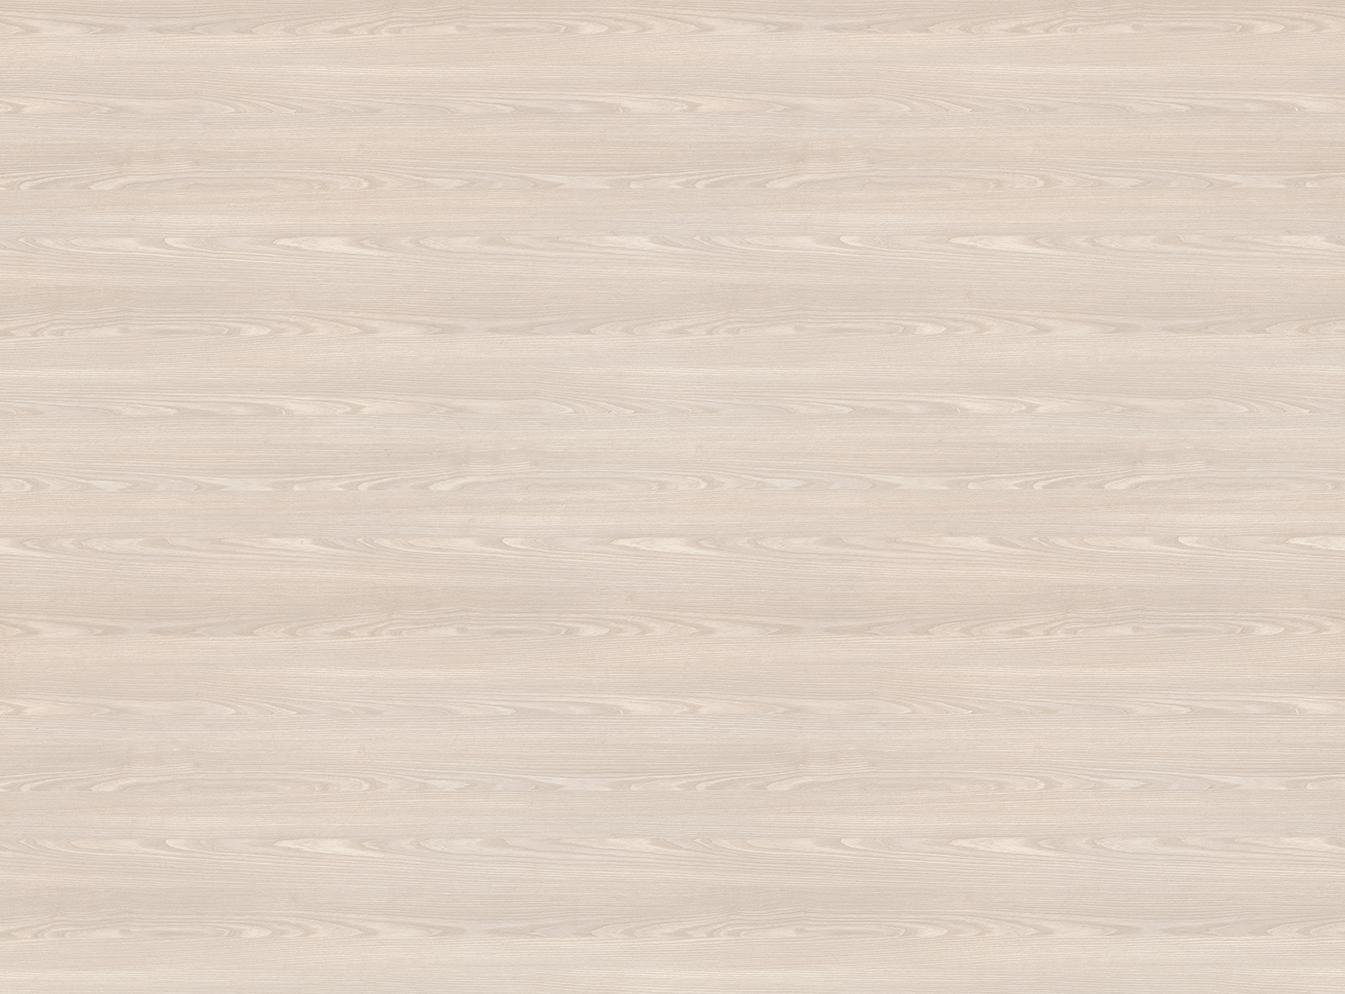 ДСП S143 22мм Tivoli 2800х2070мм (альт.  ДСП 18,8 мм)